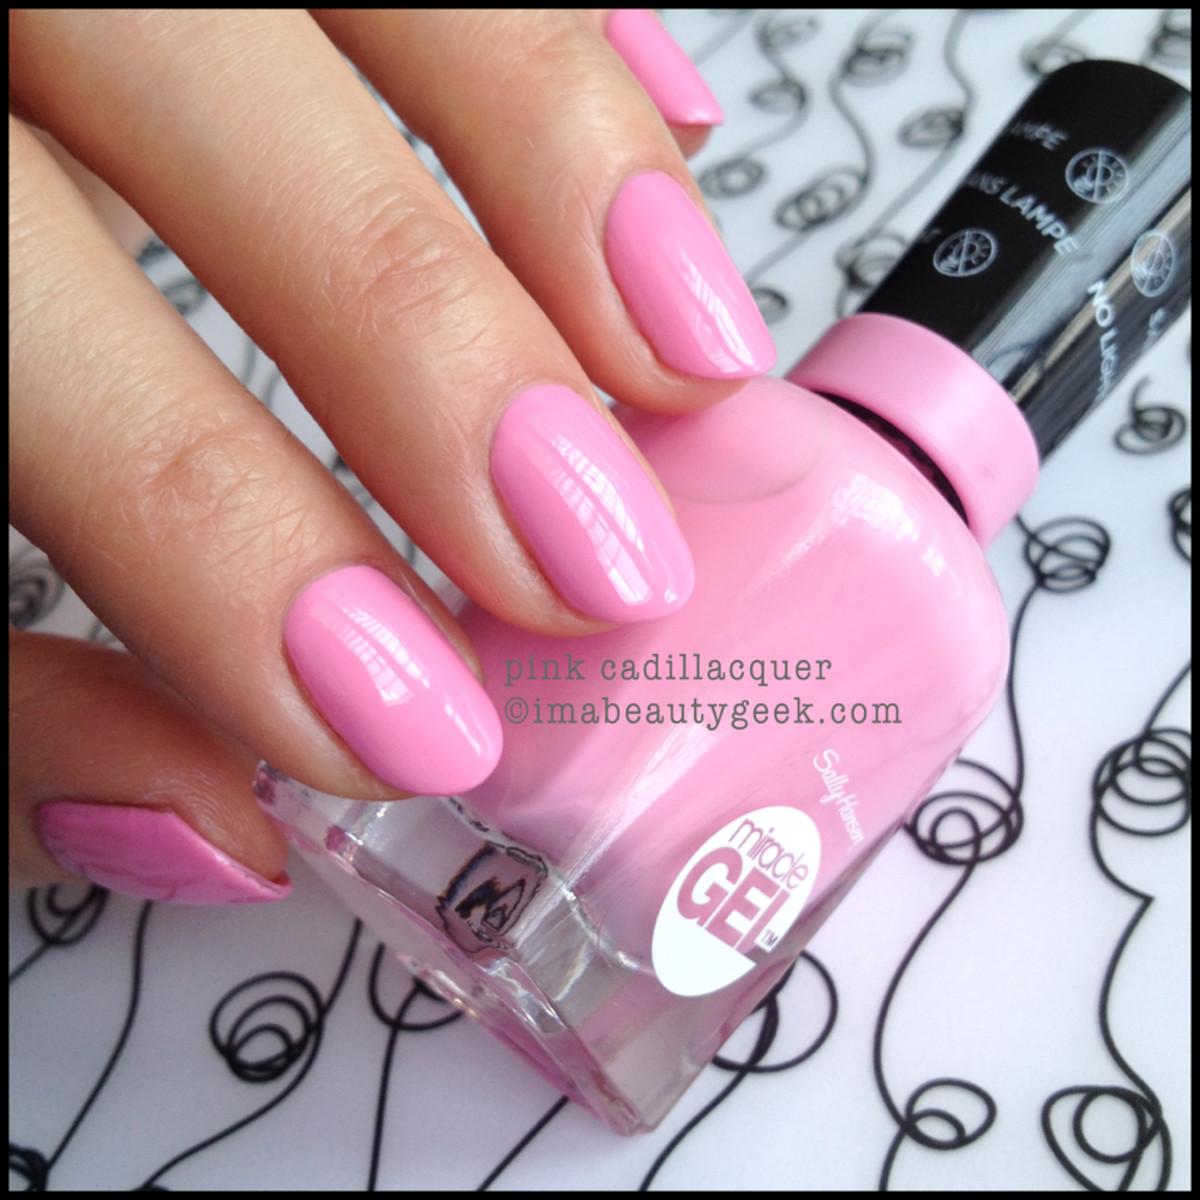 sally hansen pink cadillacquer